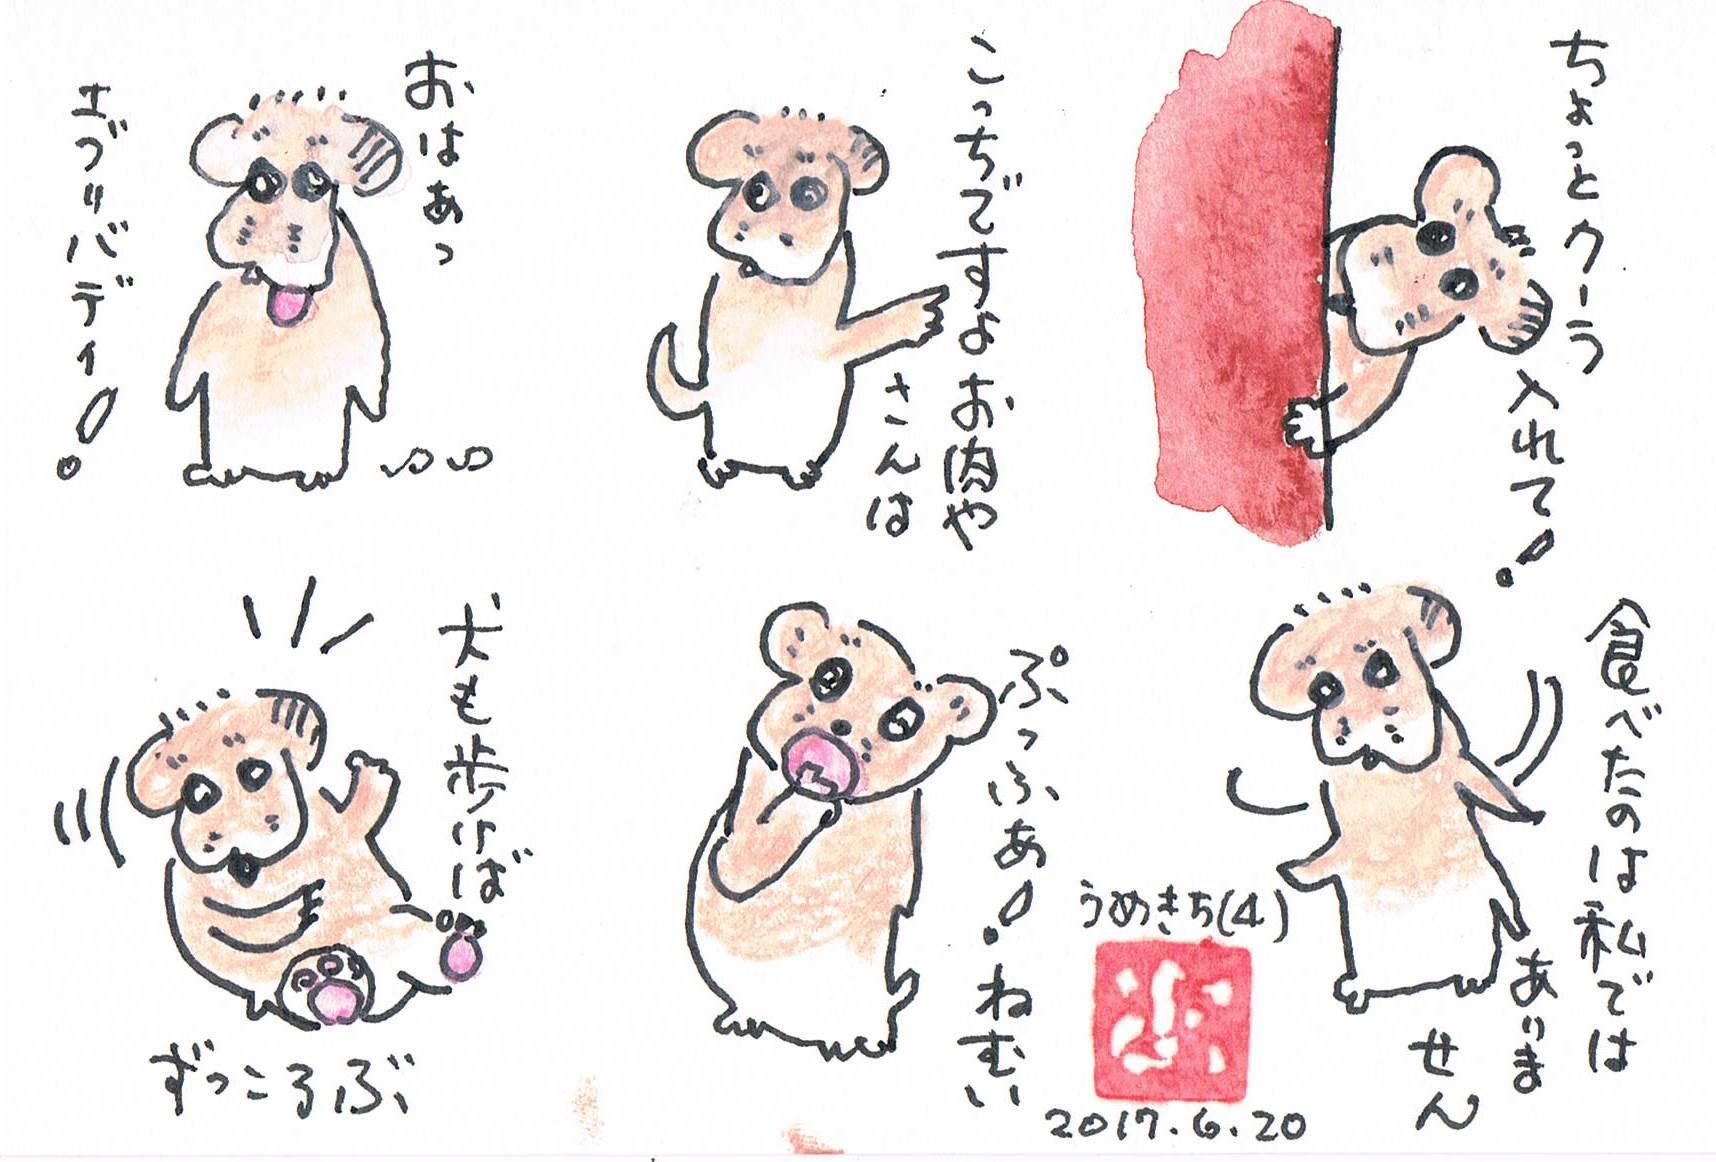 うめきち没後13年記念カード(4)_e0232277_11143776.jpg